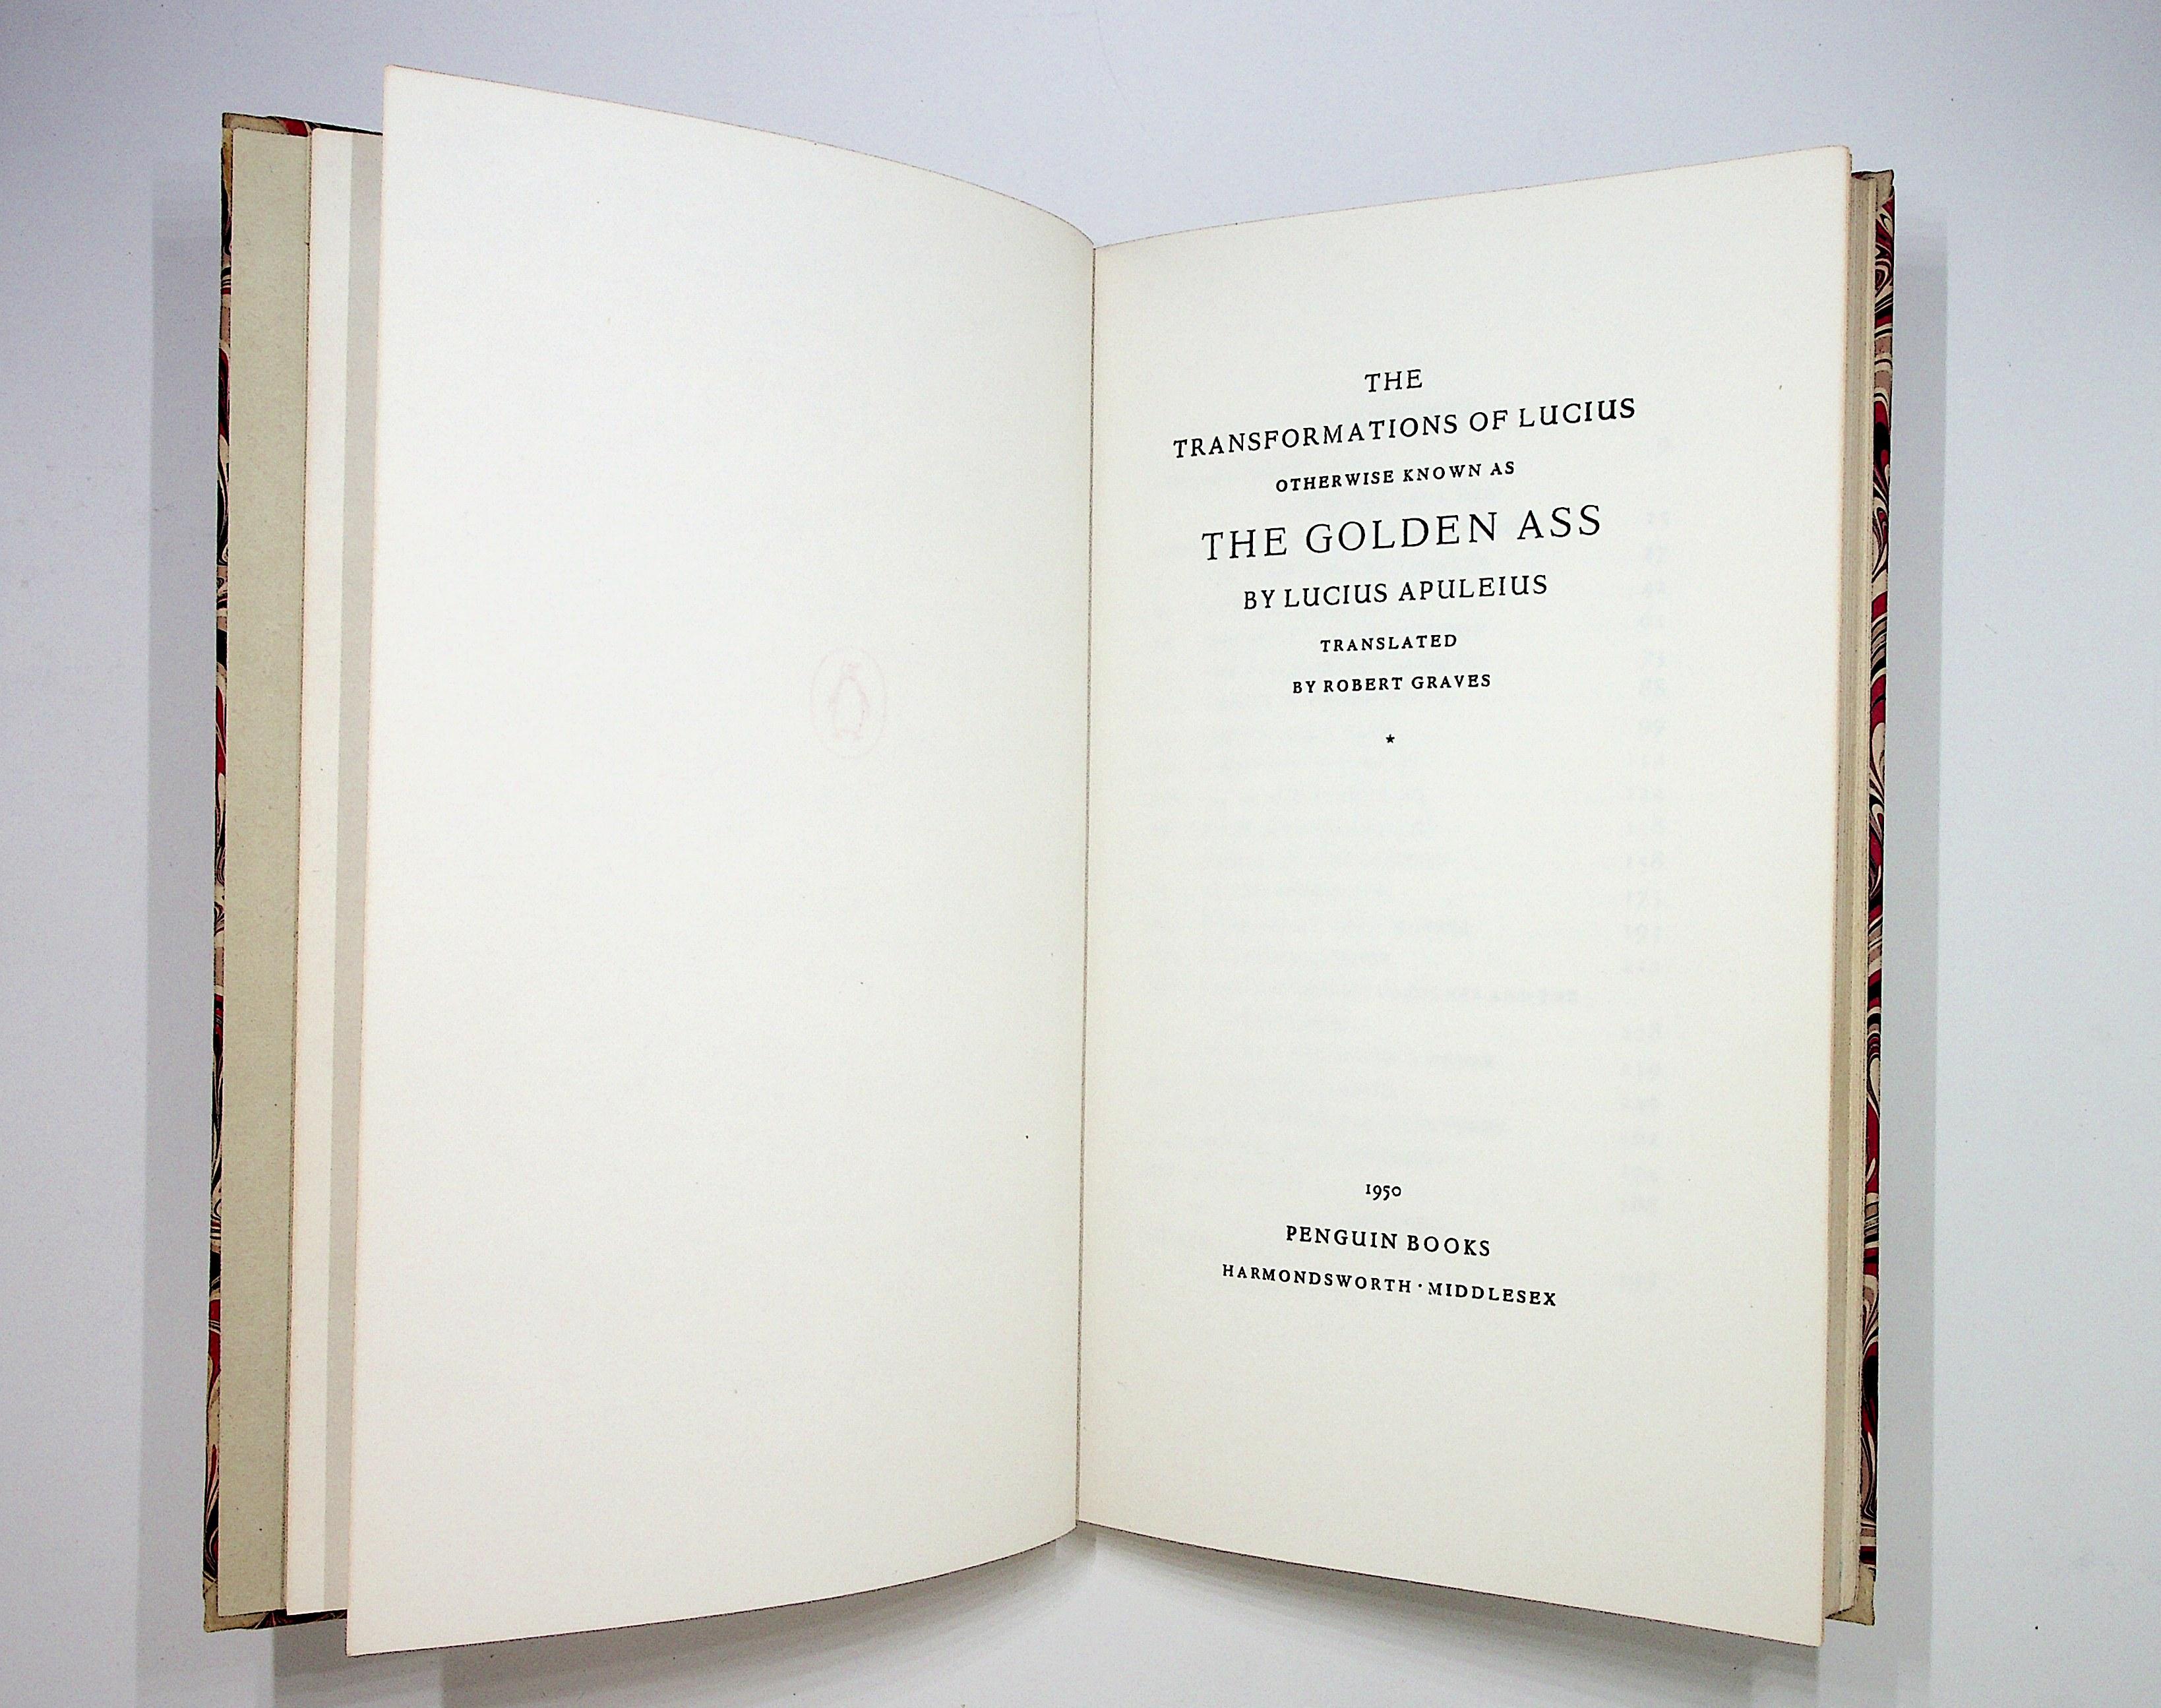 goldenass6